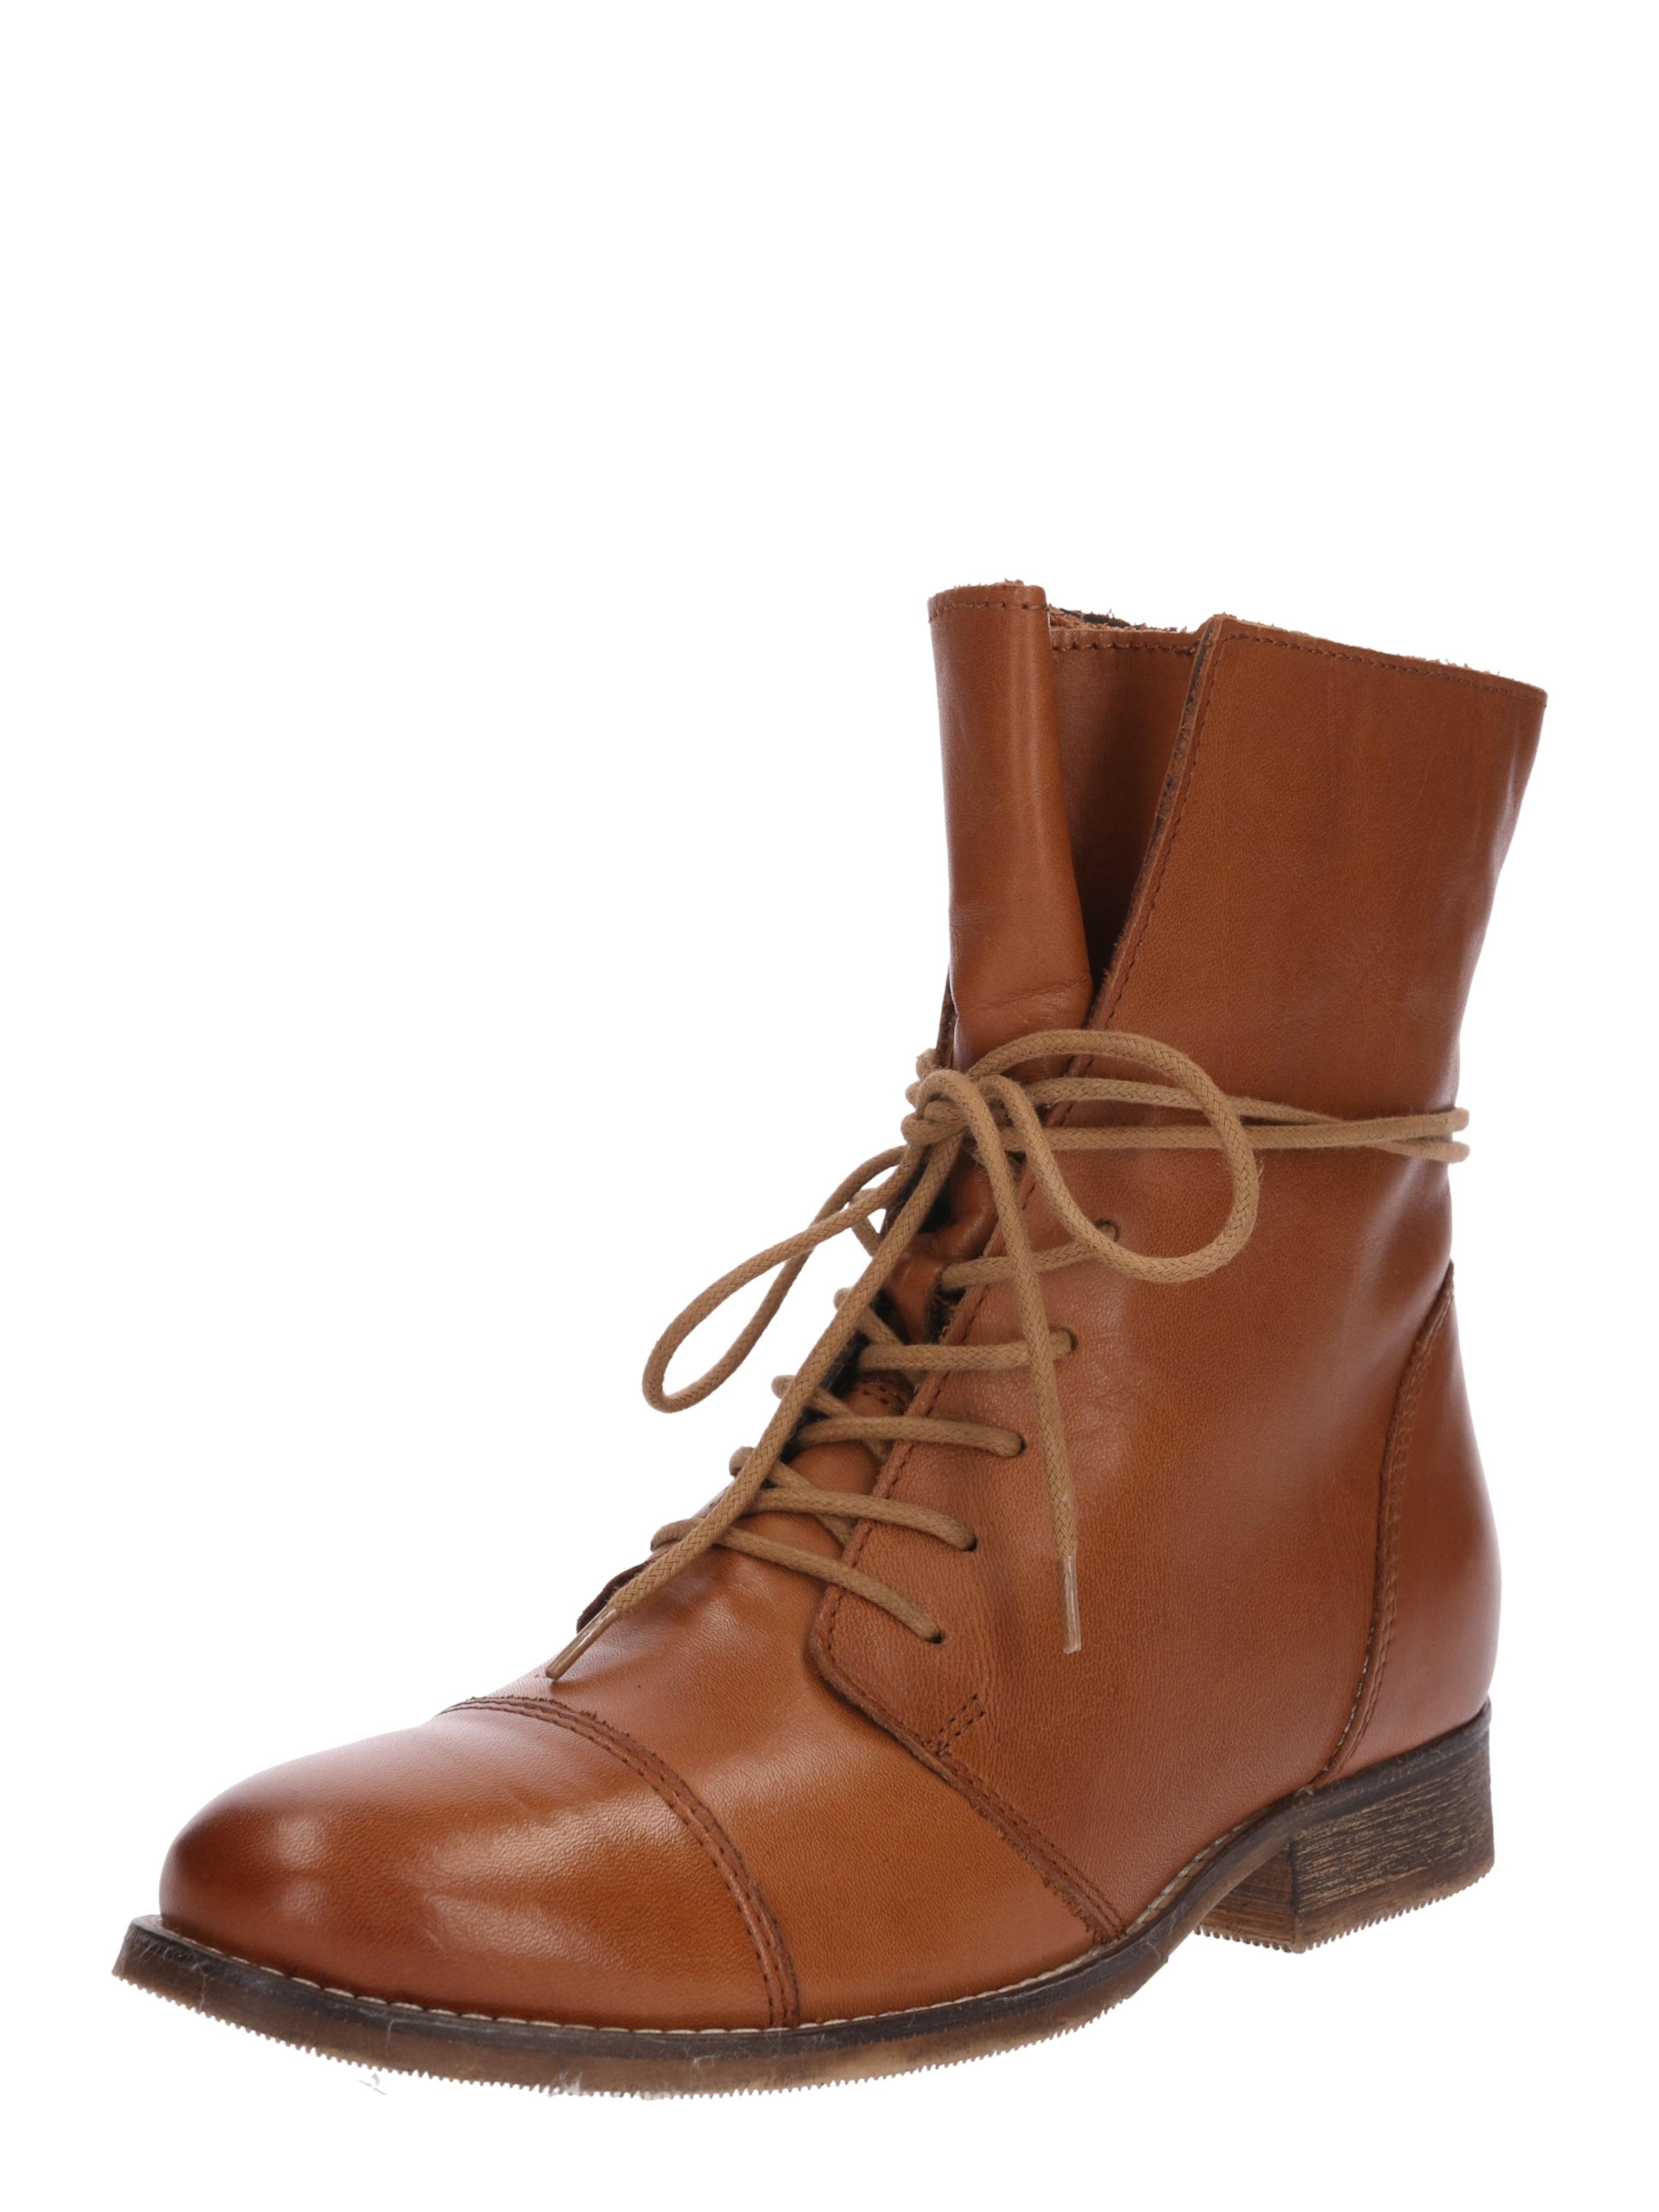 Zign Stiefelette Verschleißfeste billige Schuhe Hohe Qualität